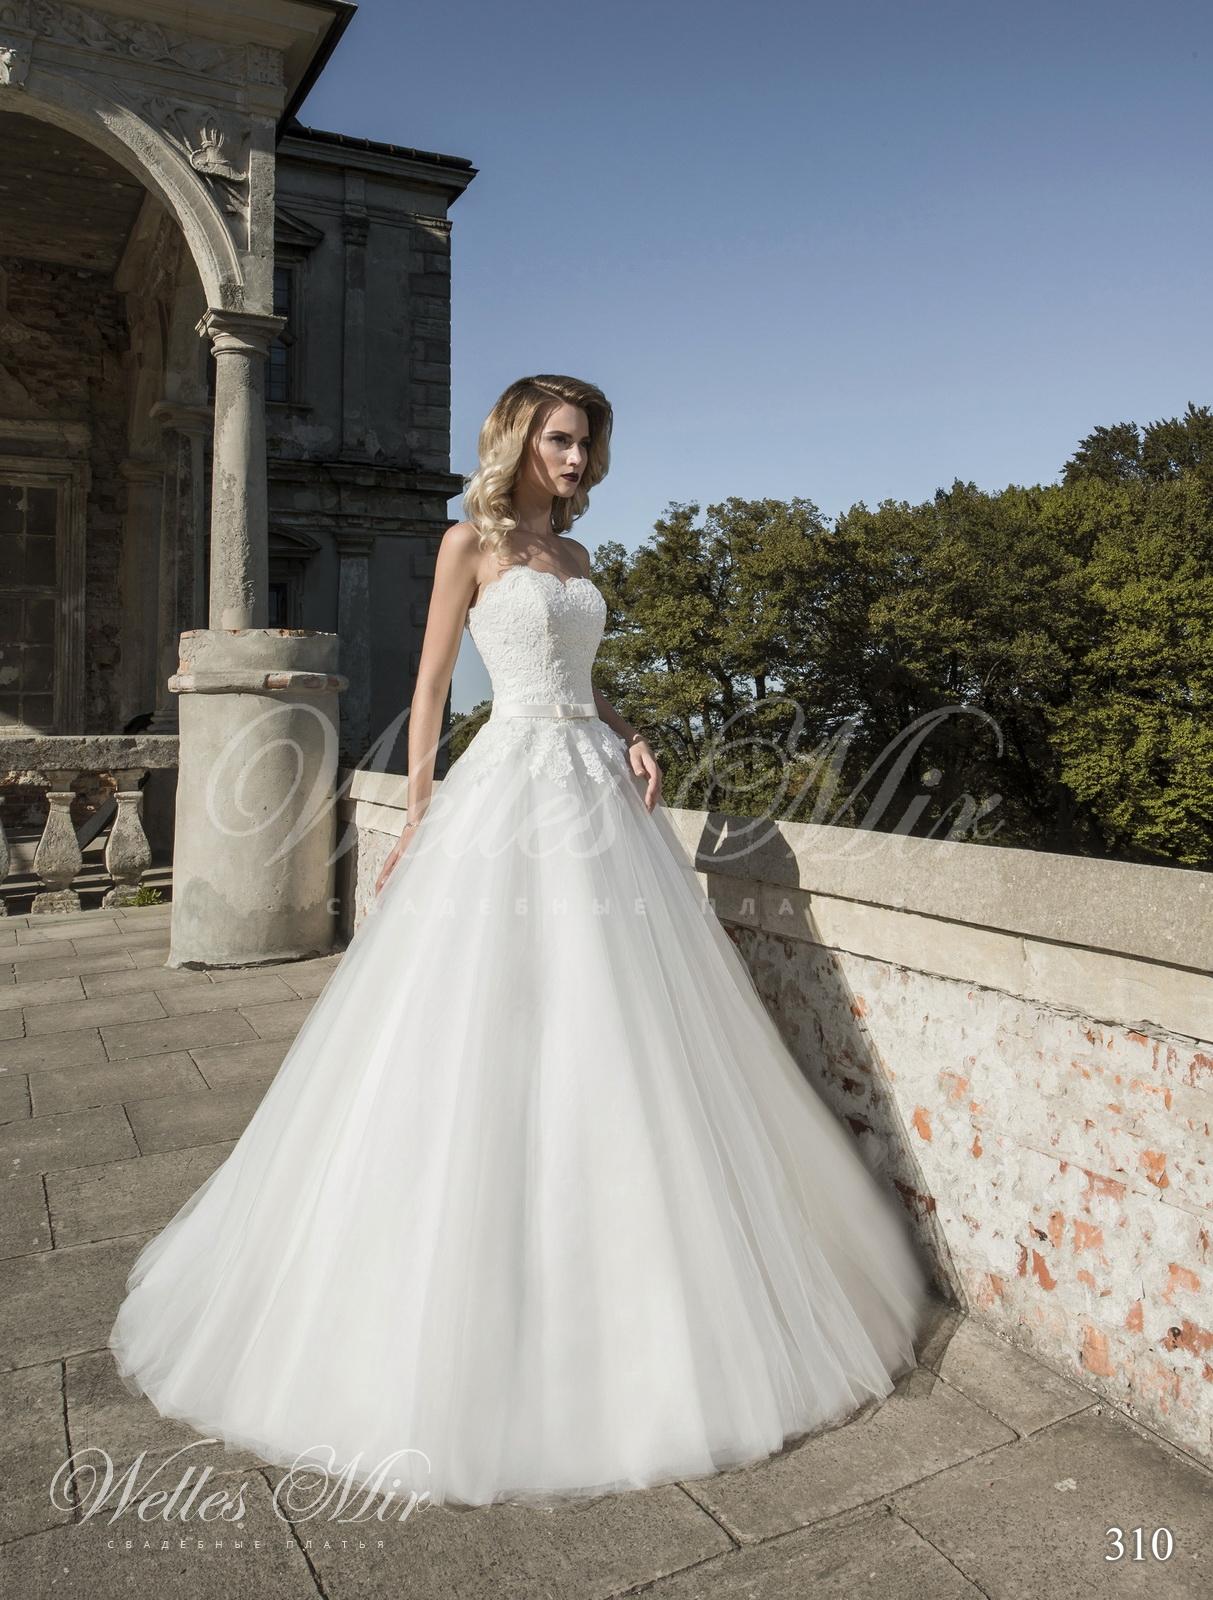 Свадебные платья Exquisite Collection - 310